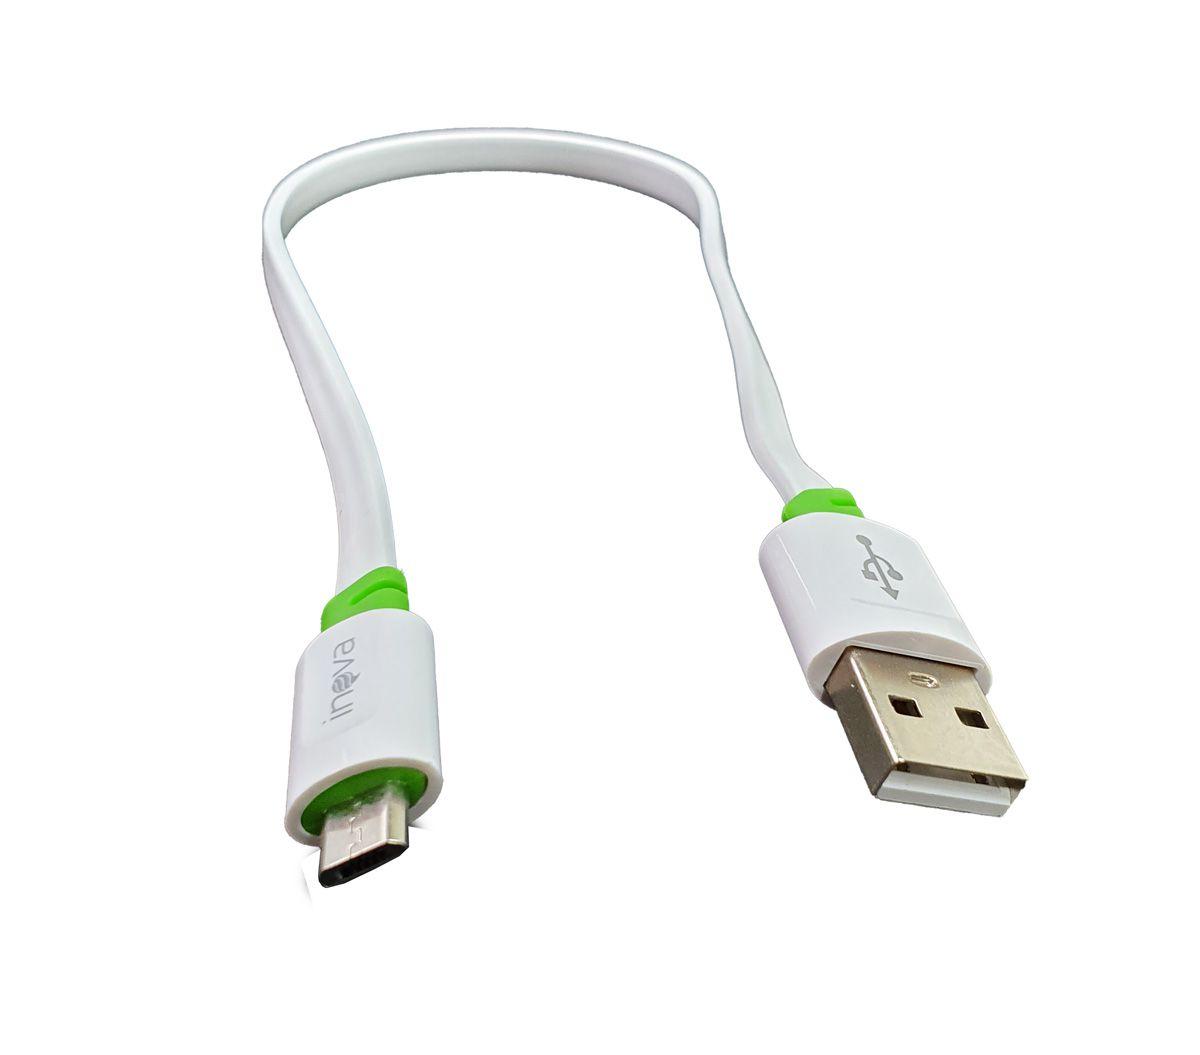 Cabo para celular Micro USB V8 para USB Curto Portátil 30 cm